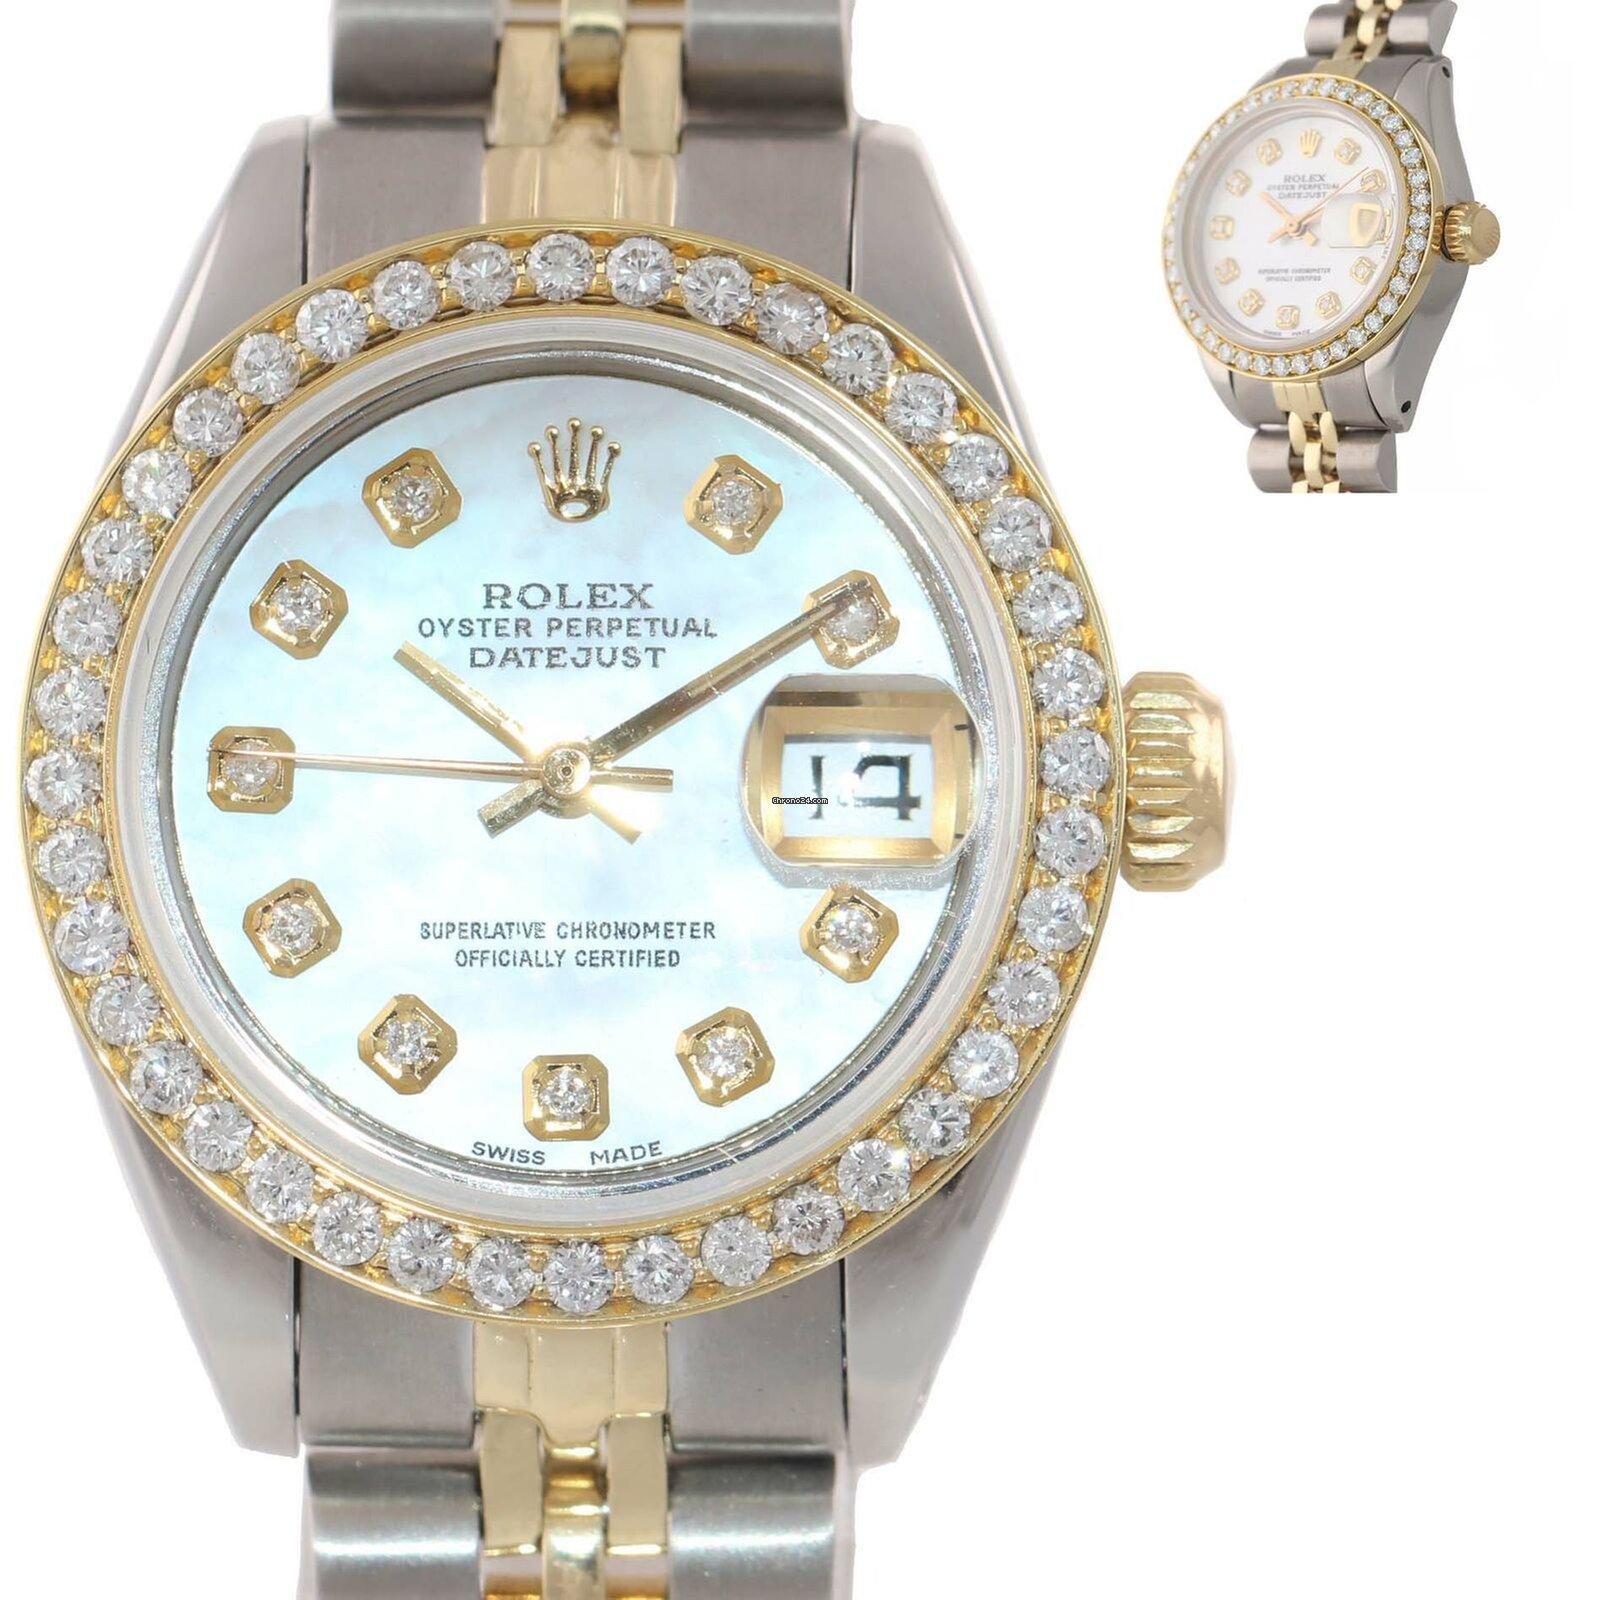 3584b98f846 Rolex Ladies Rolex DateJust 26mm 6917 Two Tone 14k Gold Steel... à vendre  pour 2.729 € par un Trusted Seller sur Chrono24